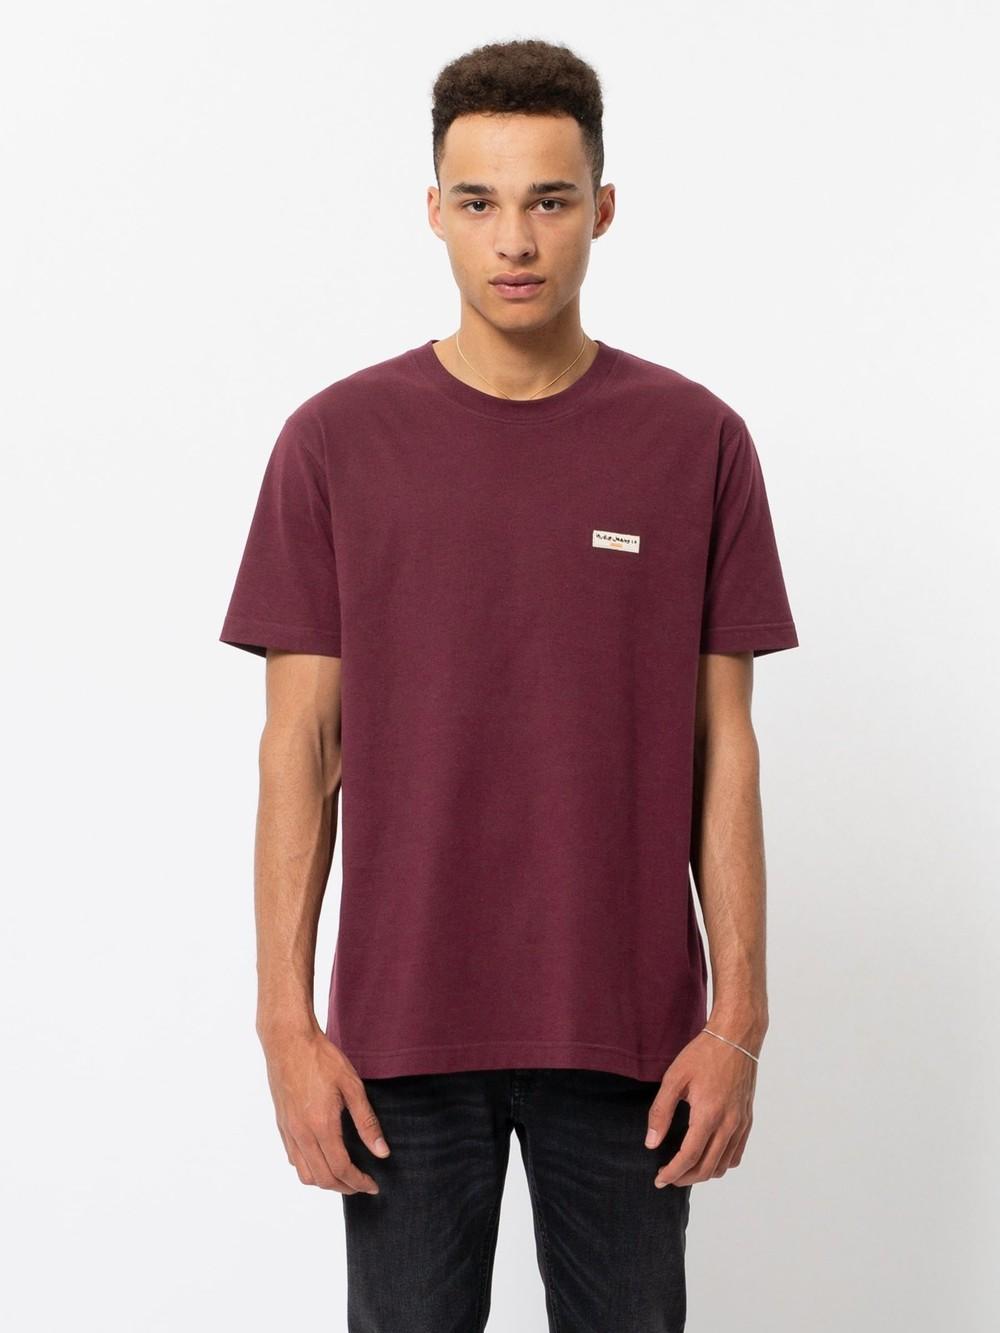 T-shirt figue en coton bio - daniel - Nudie Jeans